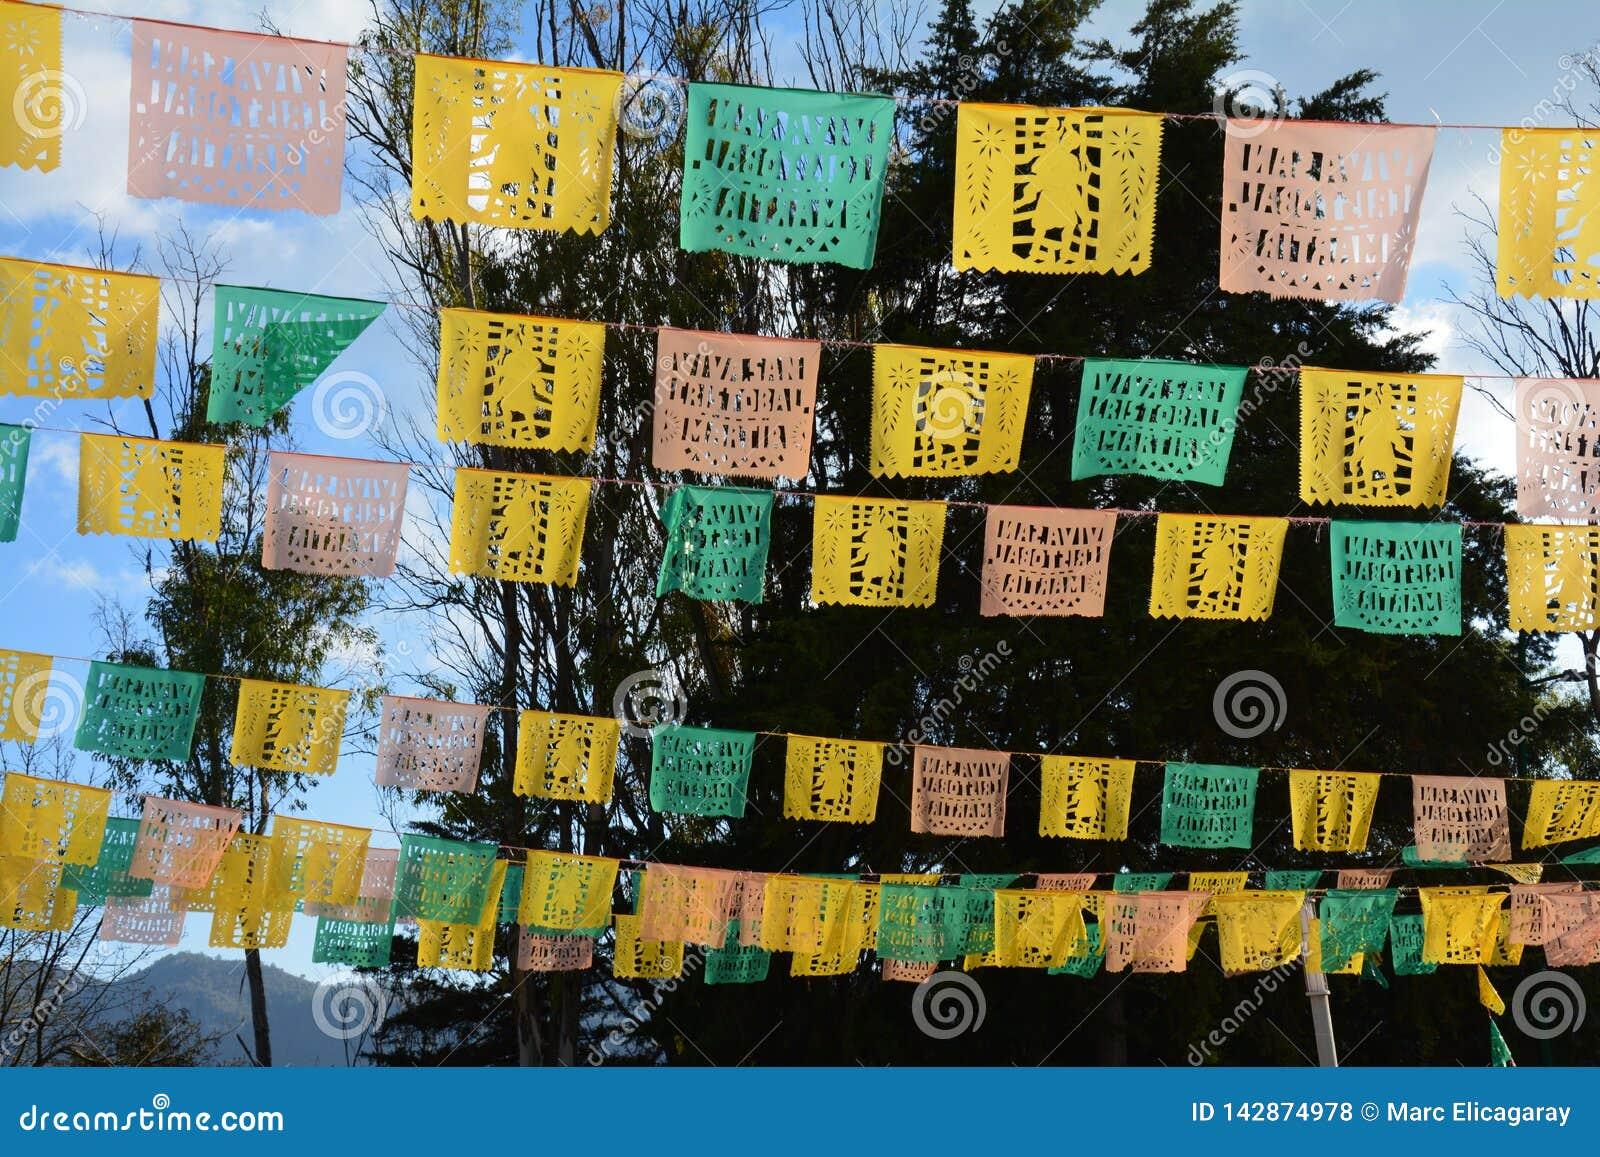 Papel Picado in San Cristobal DE las Casas Chiapas Mexico